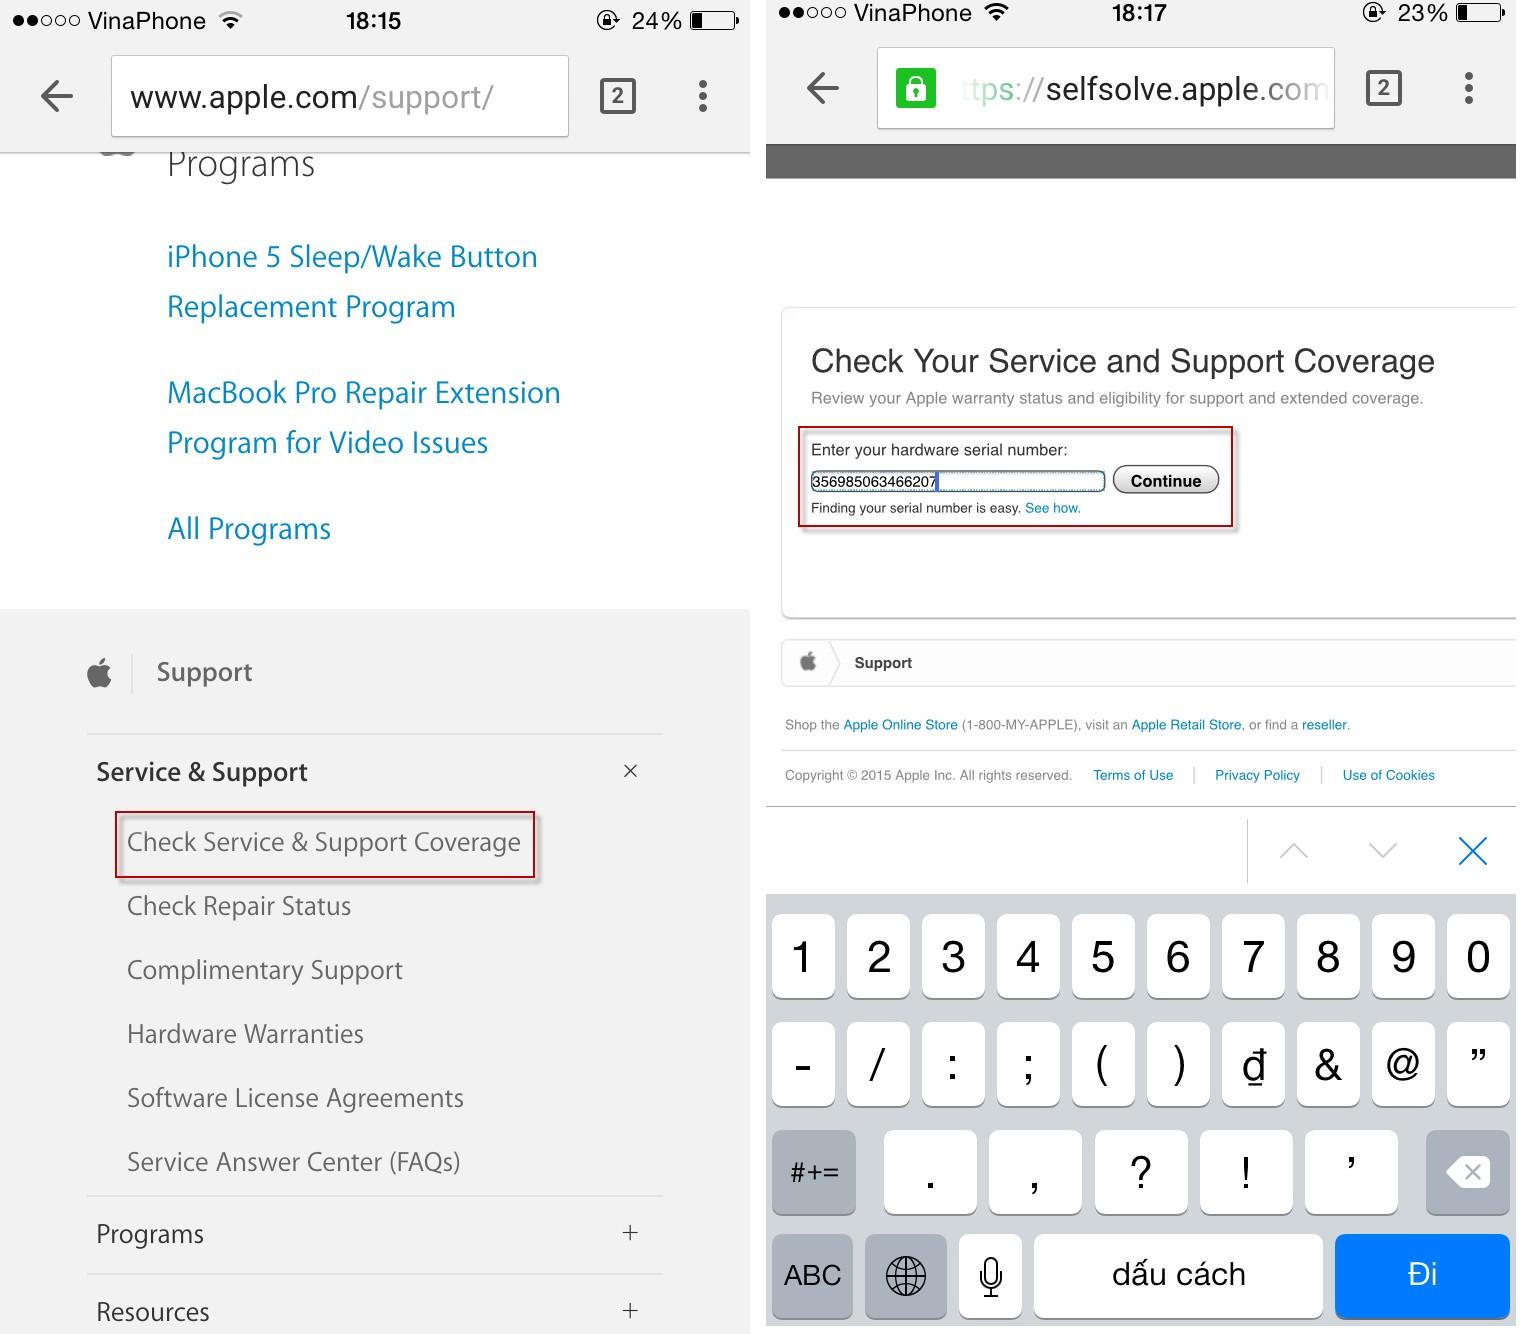 Cách kiểm tra imei iphone ipad chính hãng apple khi mua cũ - 3